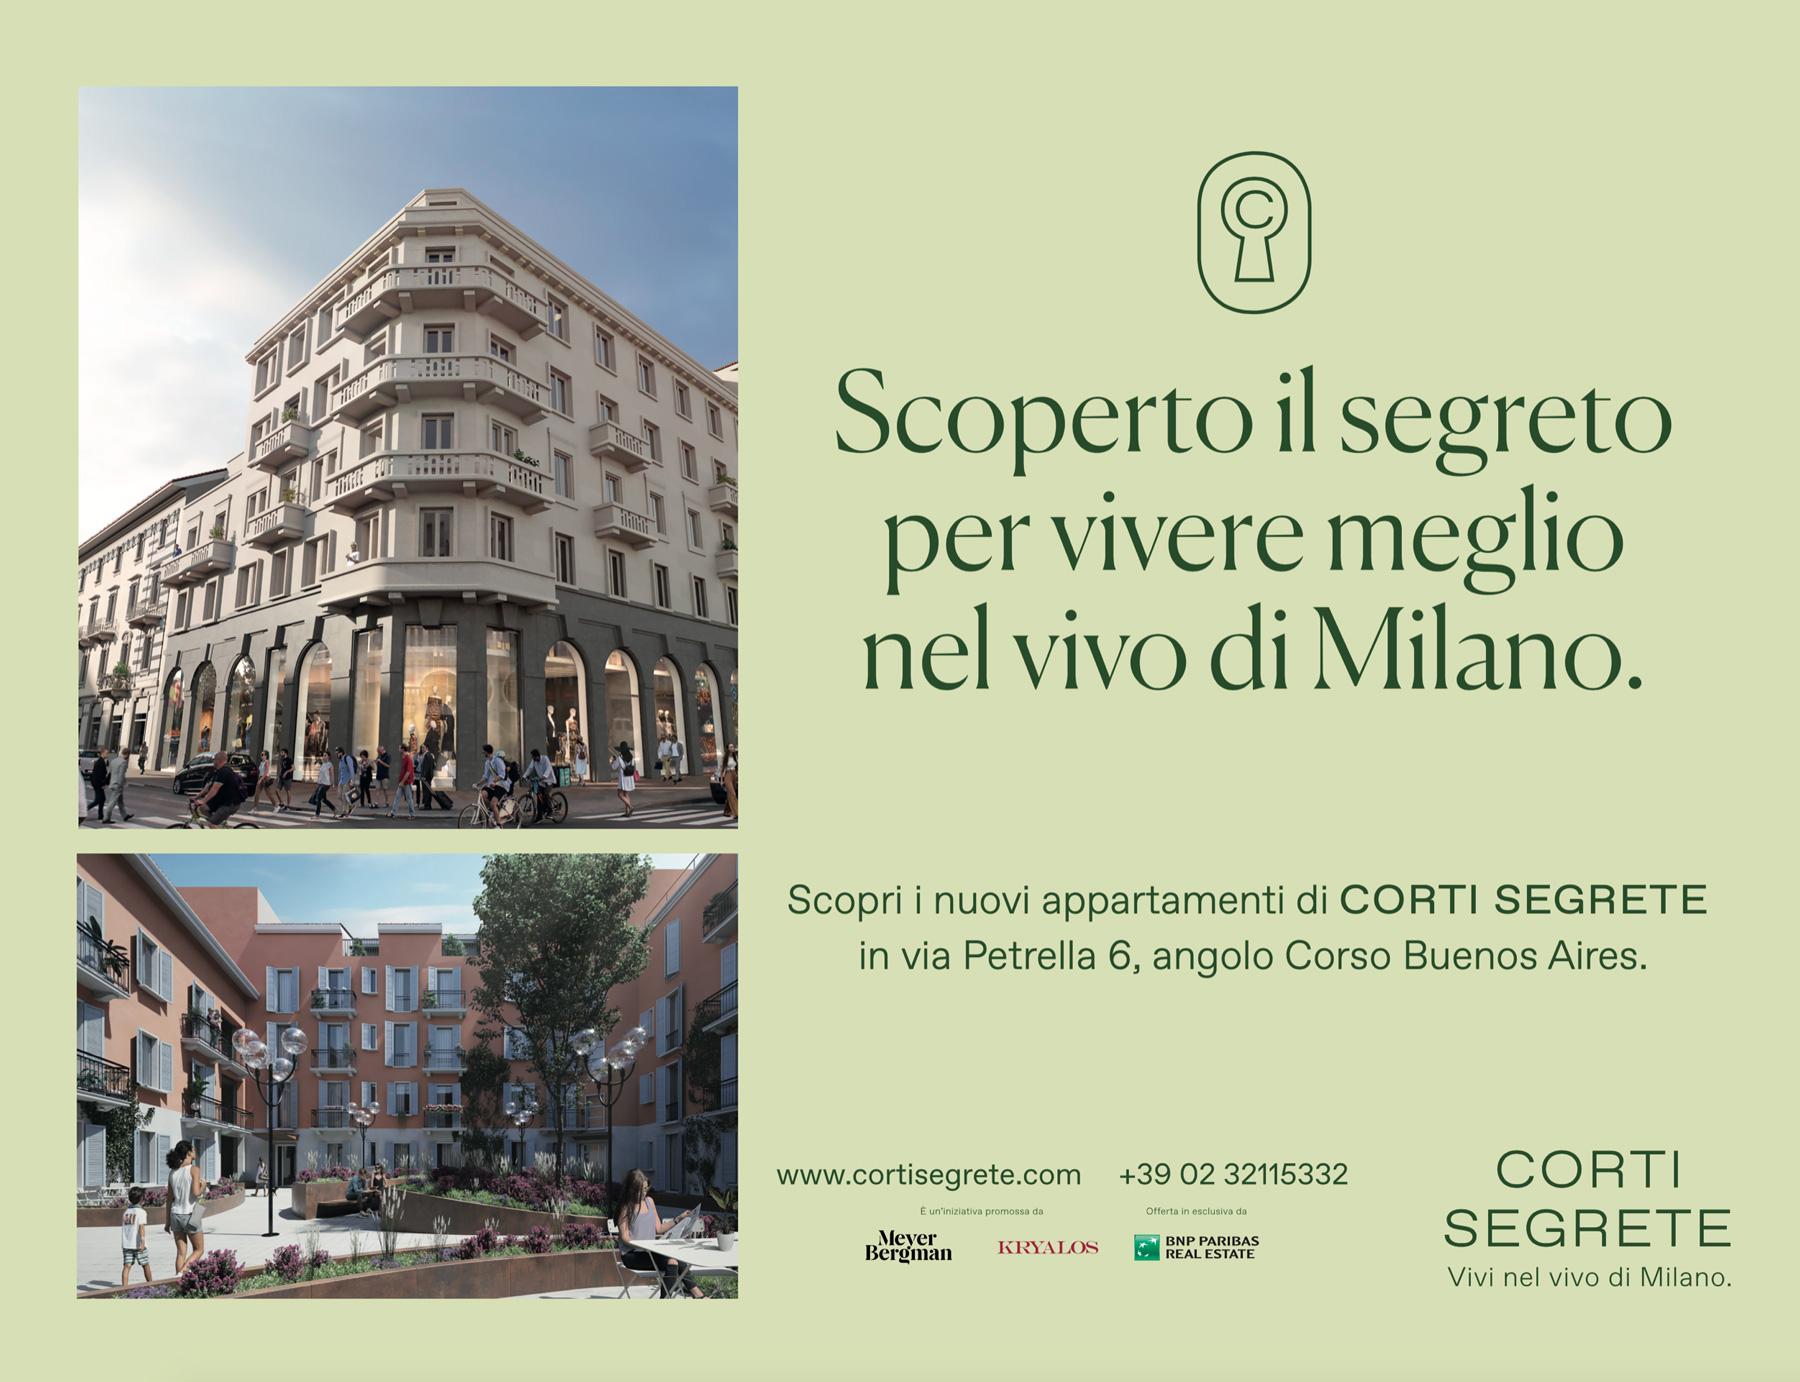 Campagna Pubblicitaria CortiSegrete Milano